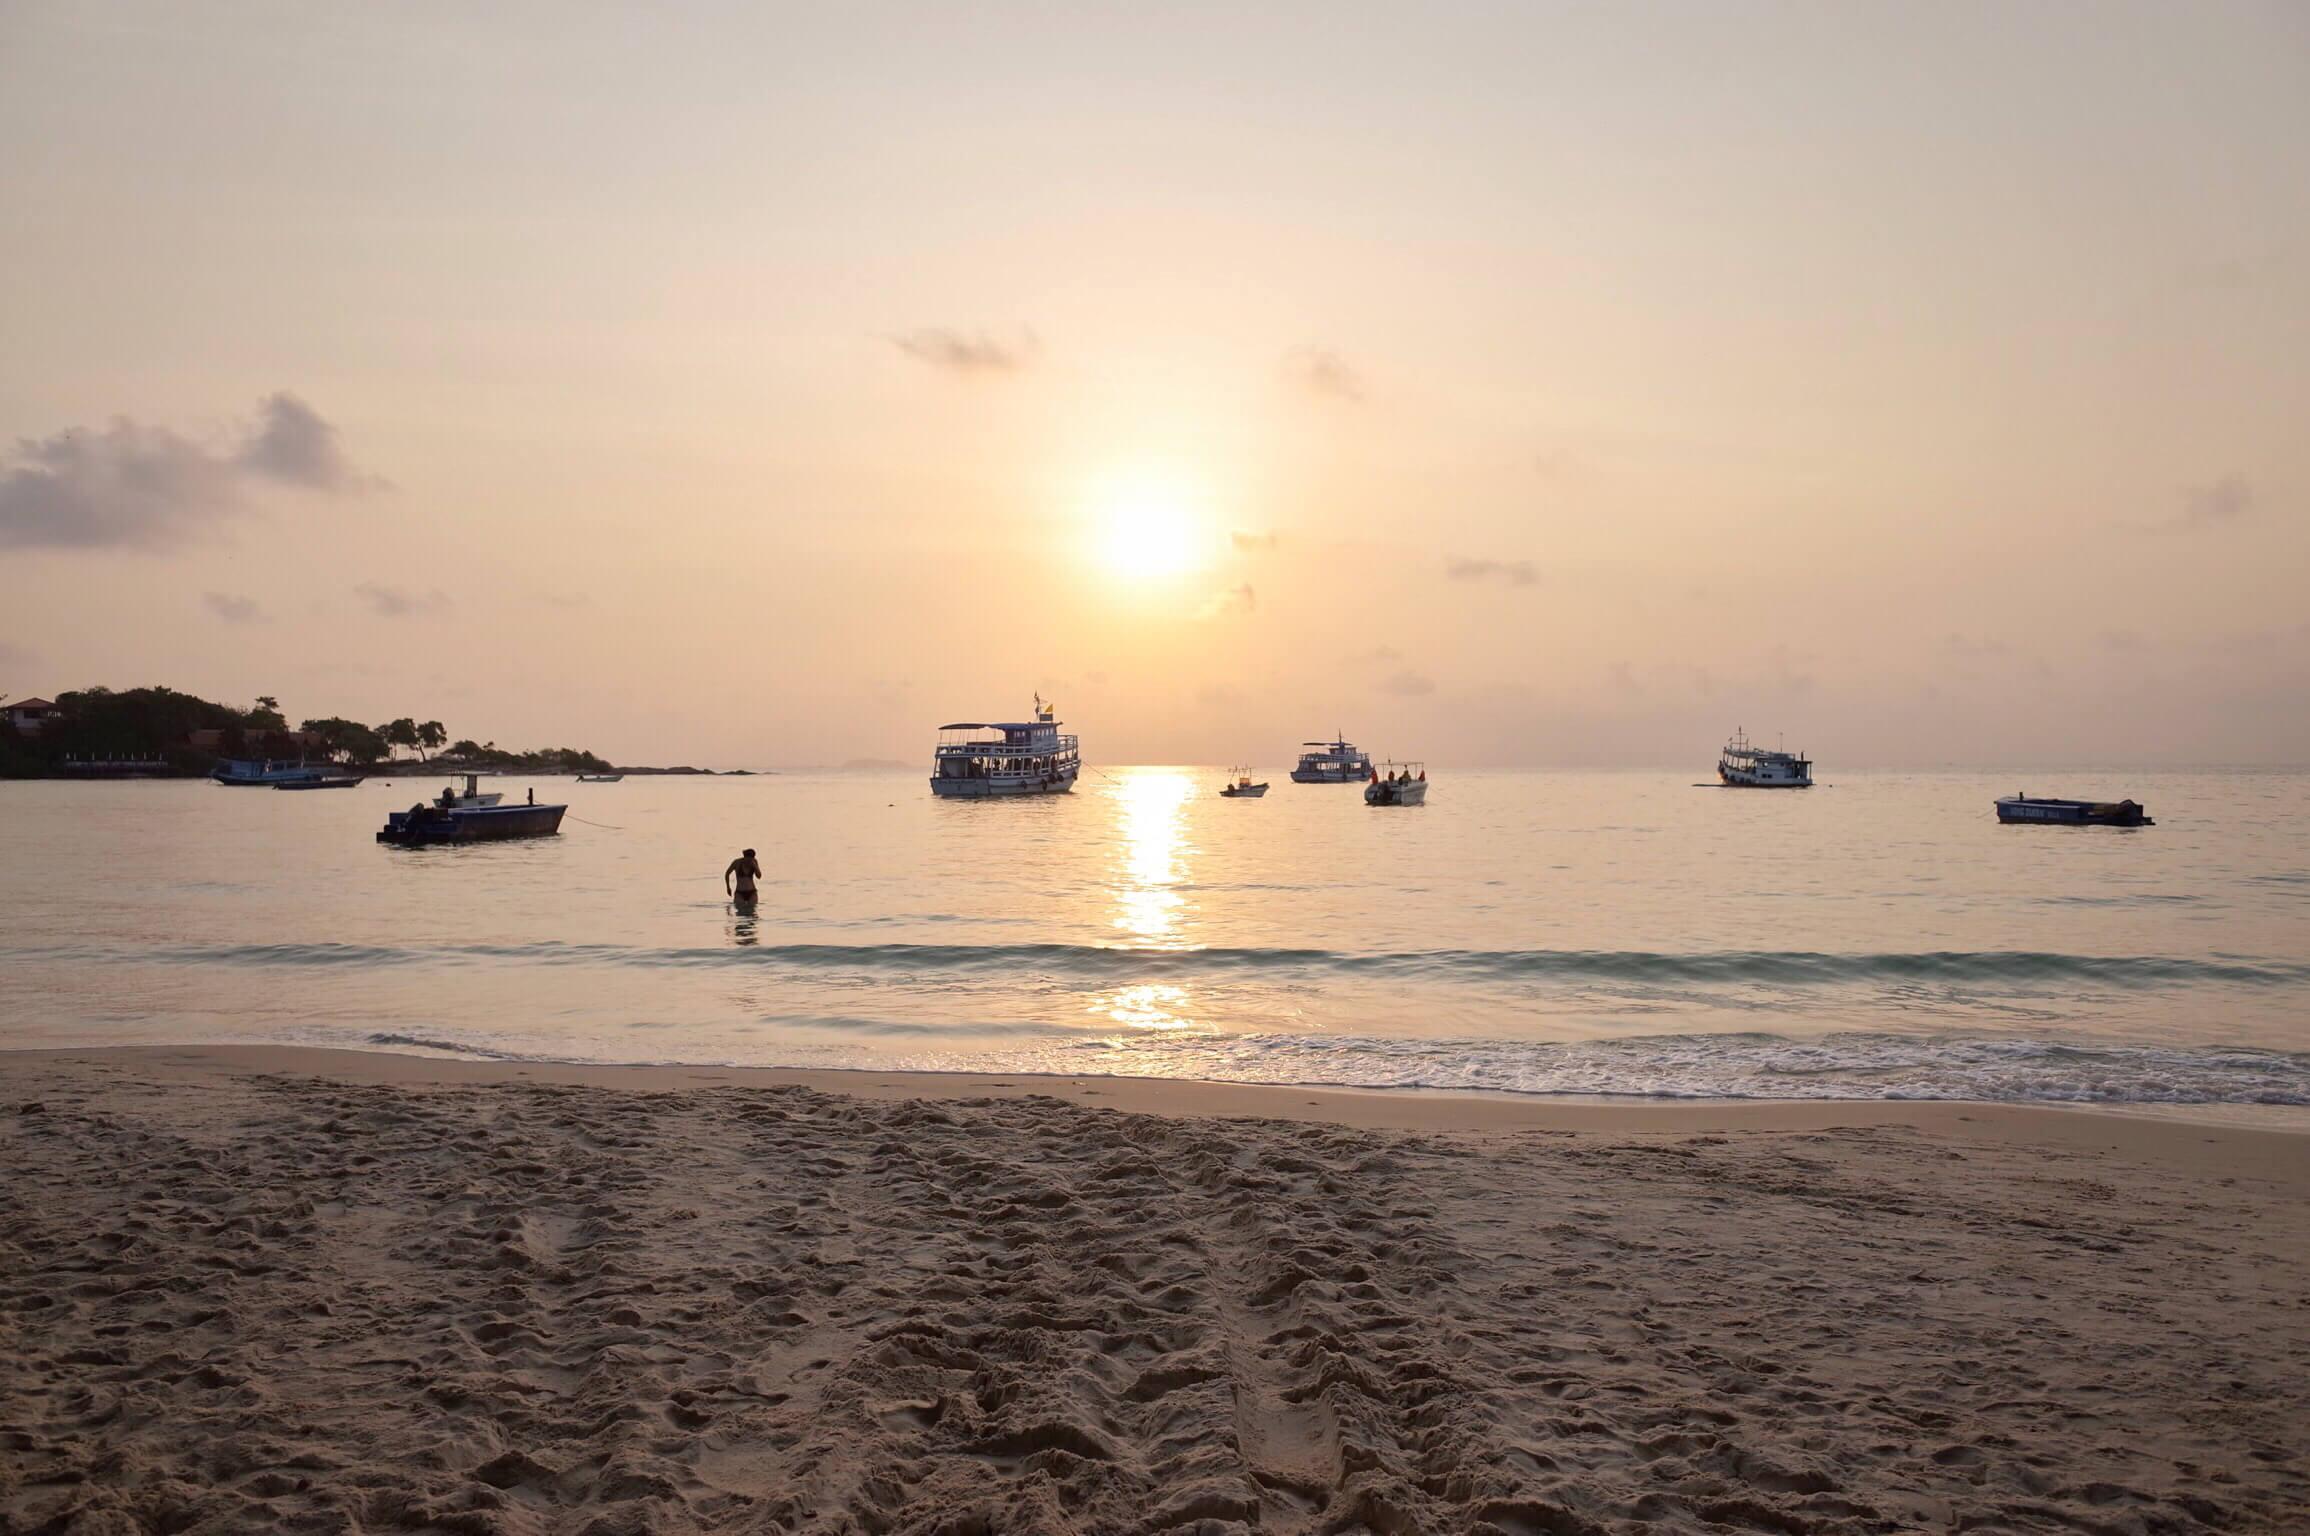 バンコク・サメット島旅行まとめ 2016年3月版 タイ人や駐在員がおすすめするスポットはやっぱりすばらしかった!